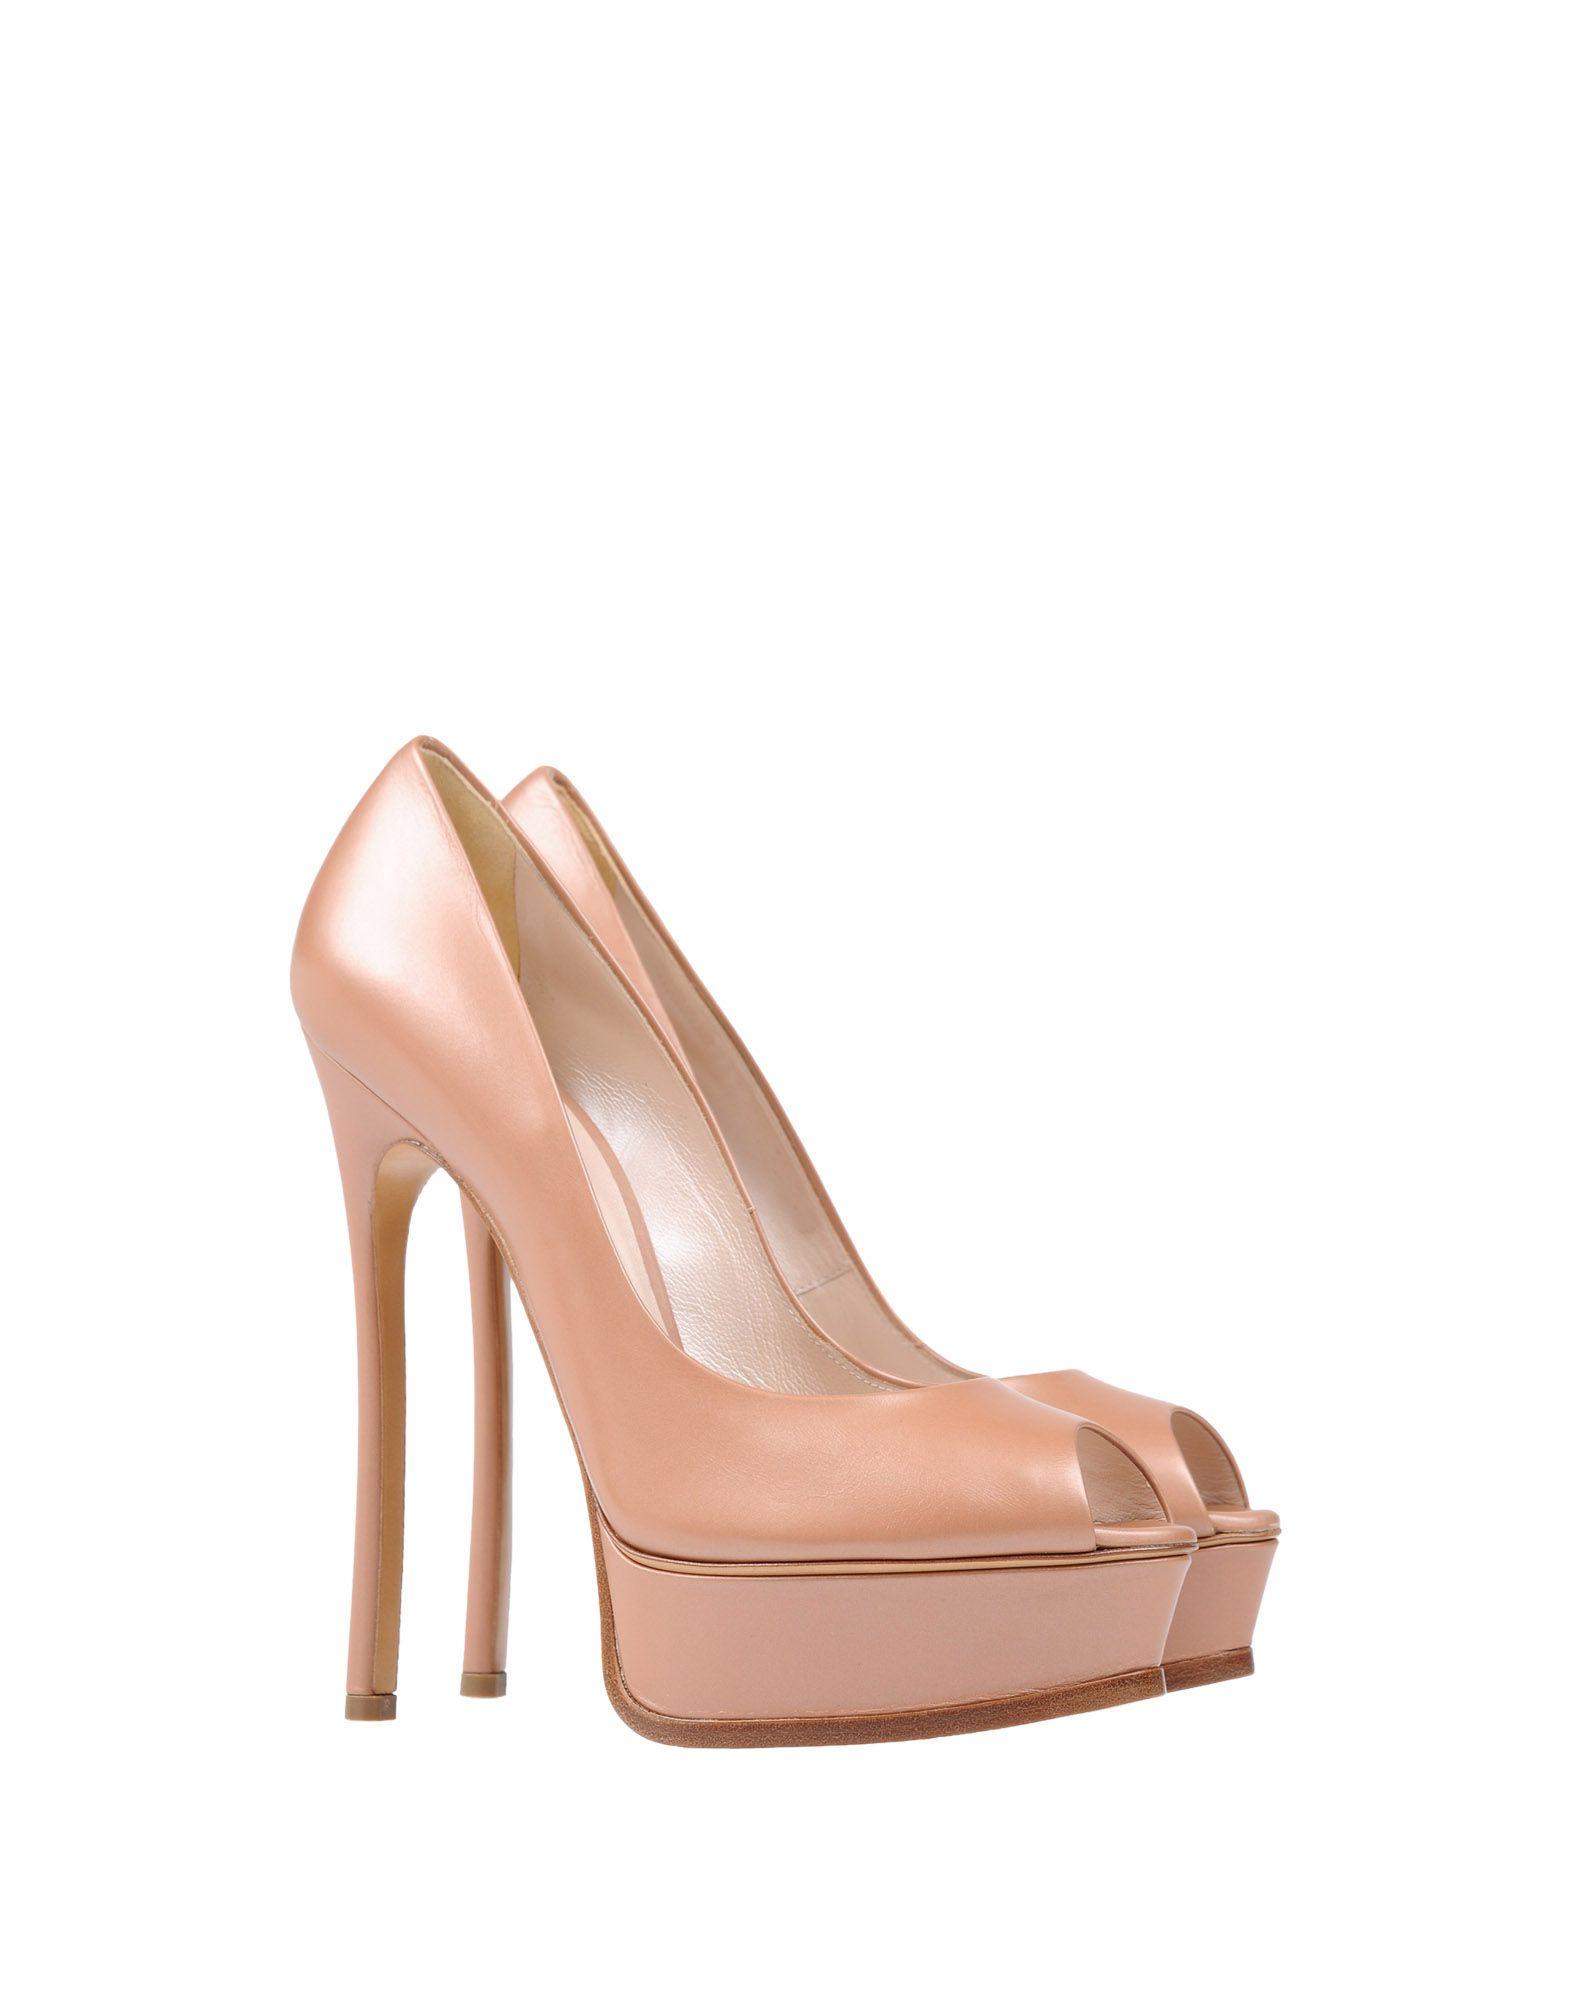 Casadei Pumps Damen Schuhe  11519994XRGünstige gut aussehende Schuhe Damen 68a10a